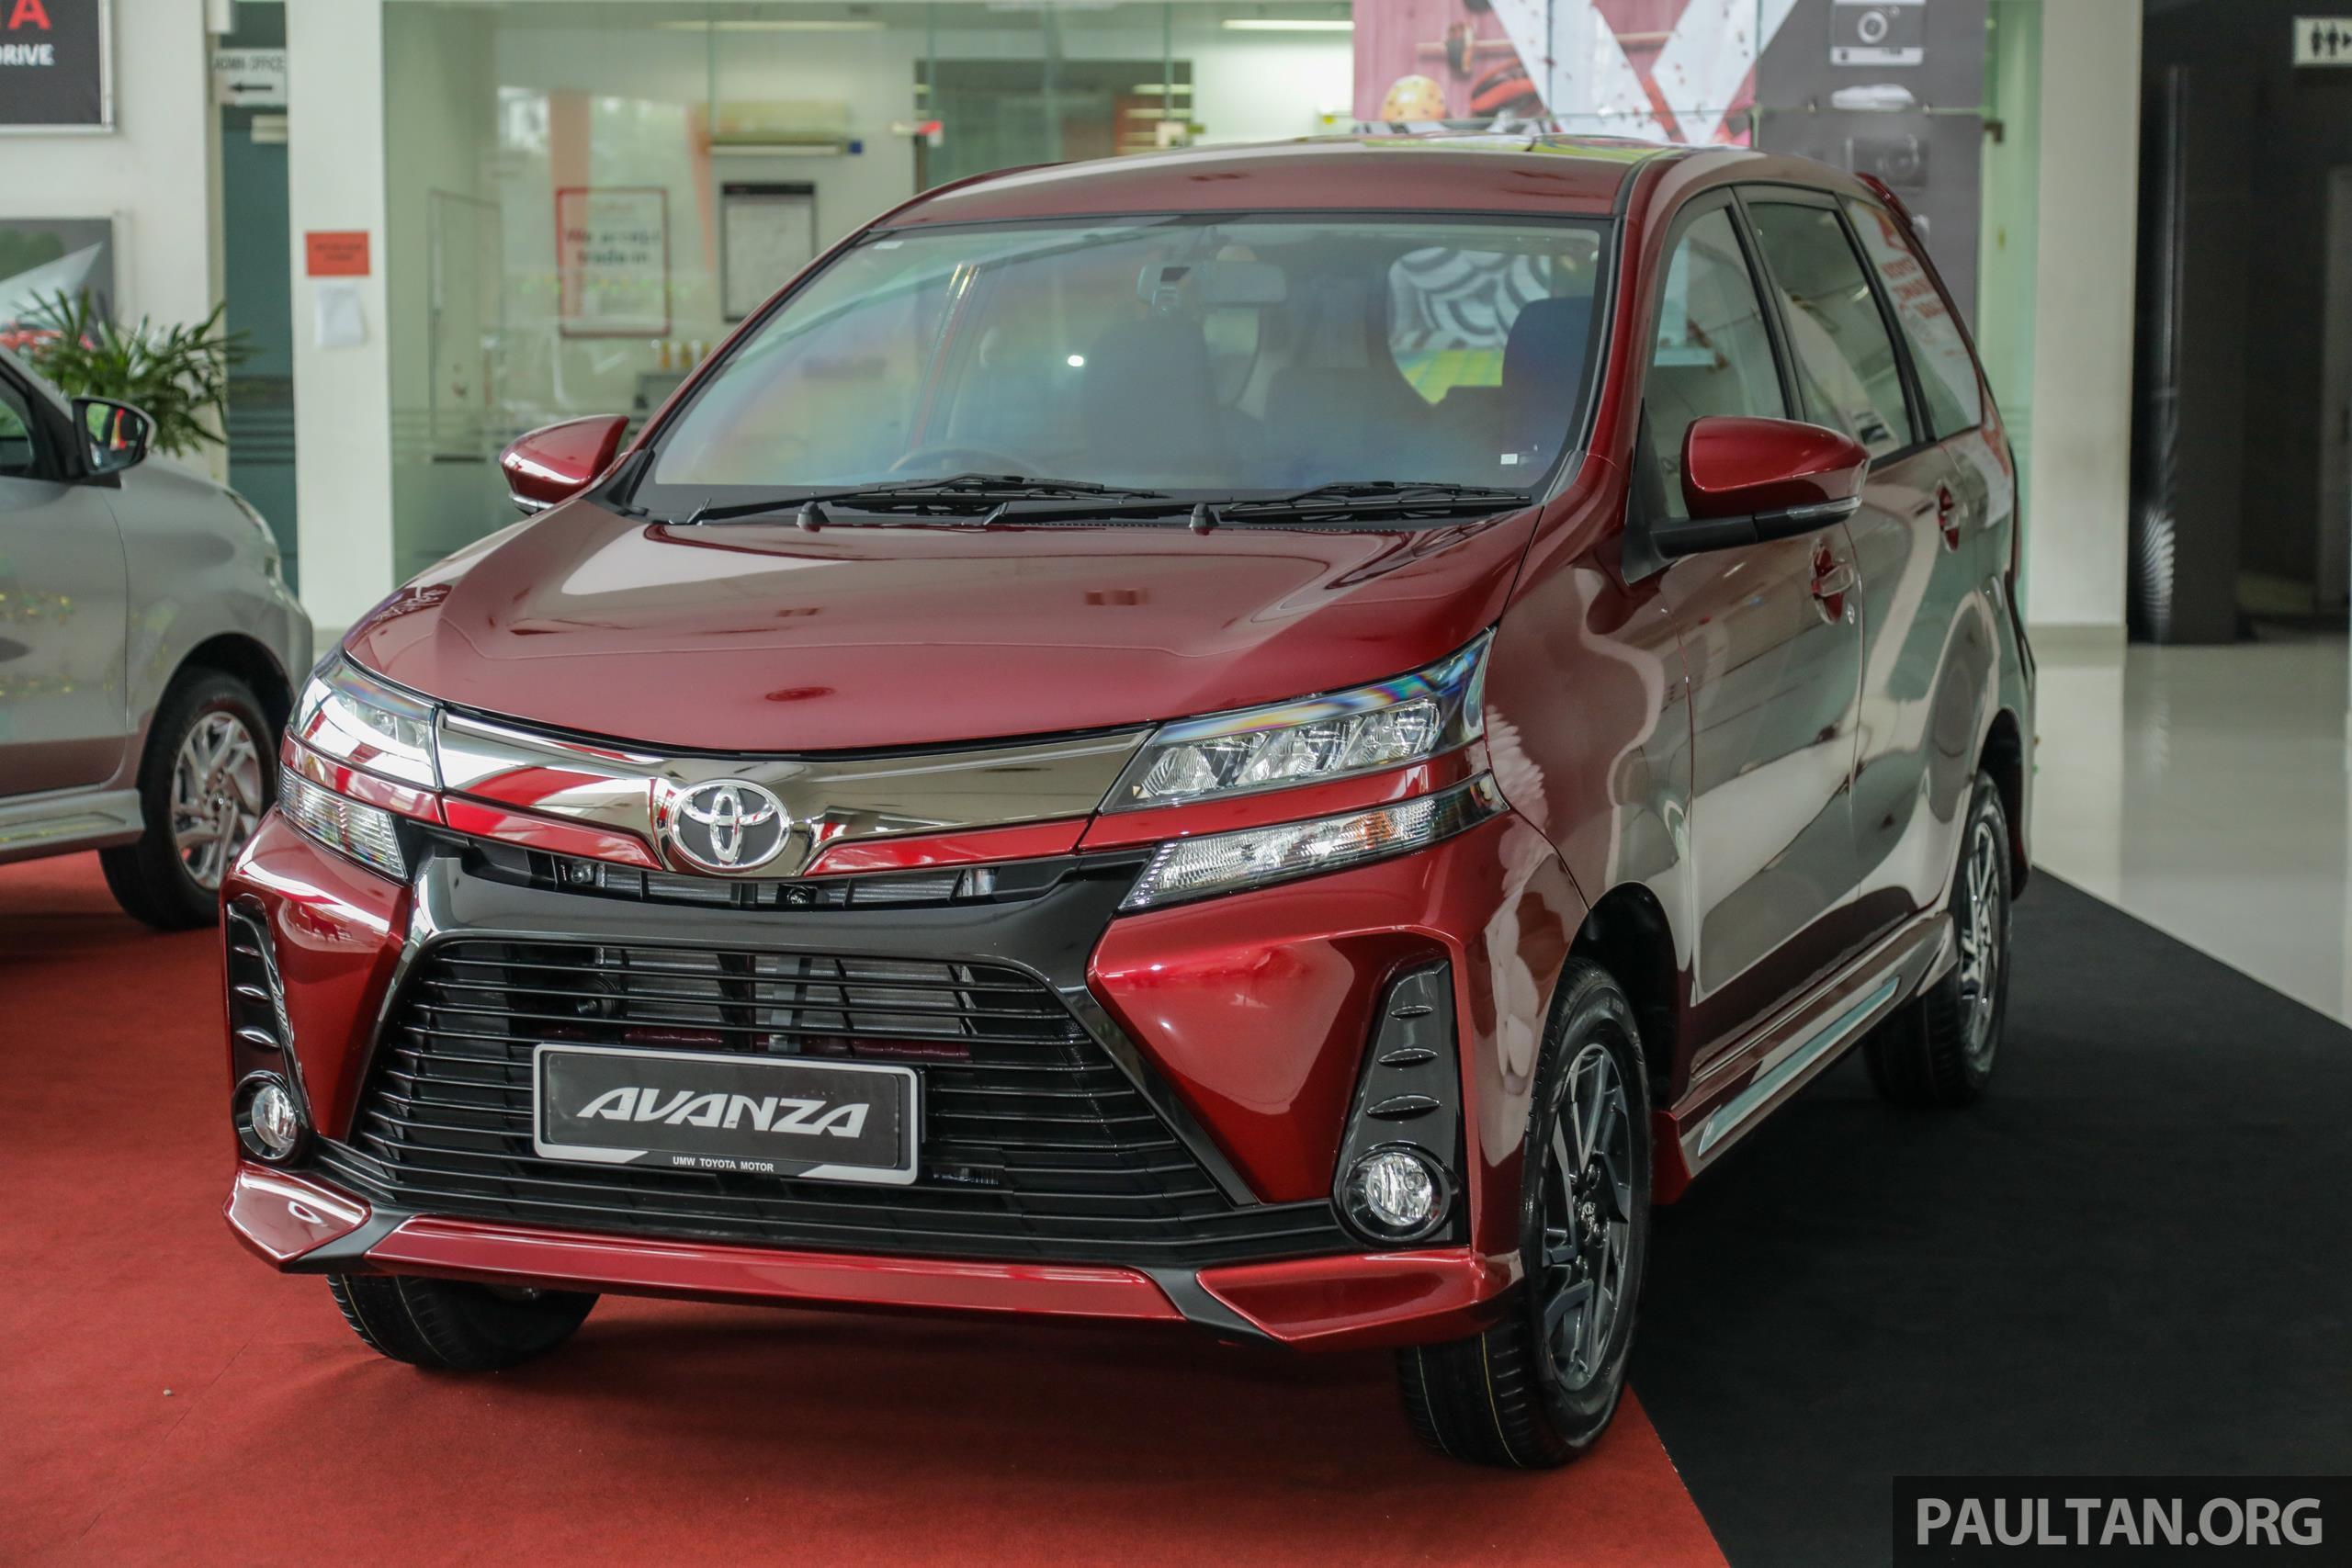 'Xe cỏ' Toyota Avanza 2019 thay đổi thiết kế, có thêm cảnh báo điểm mù Ảnh 2